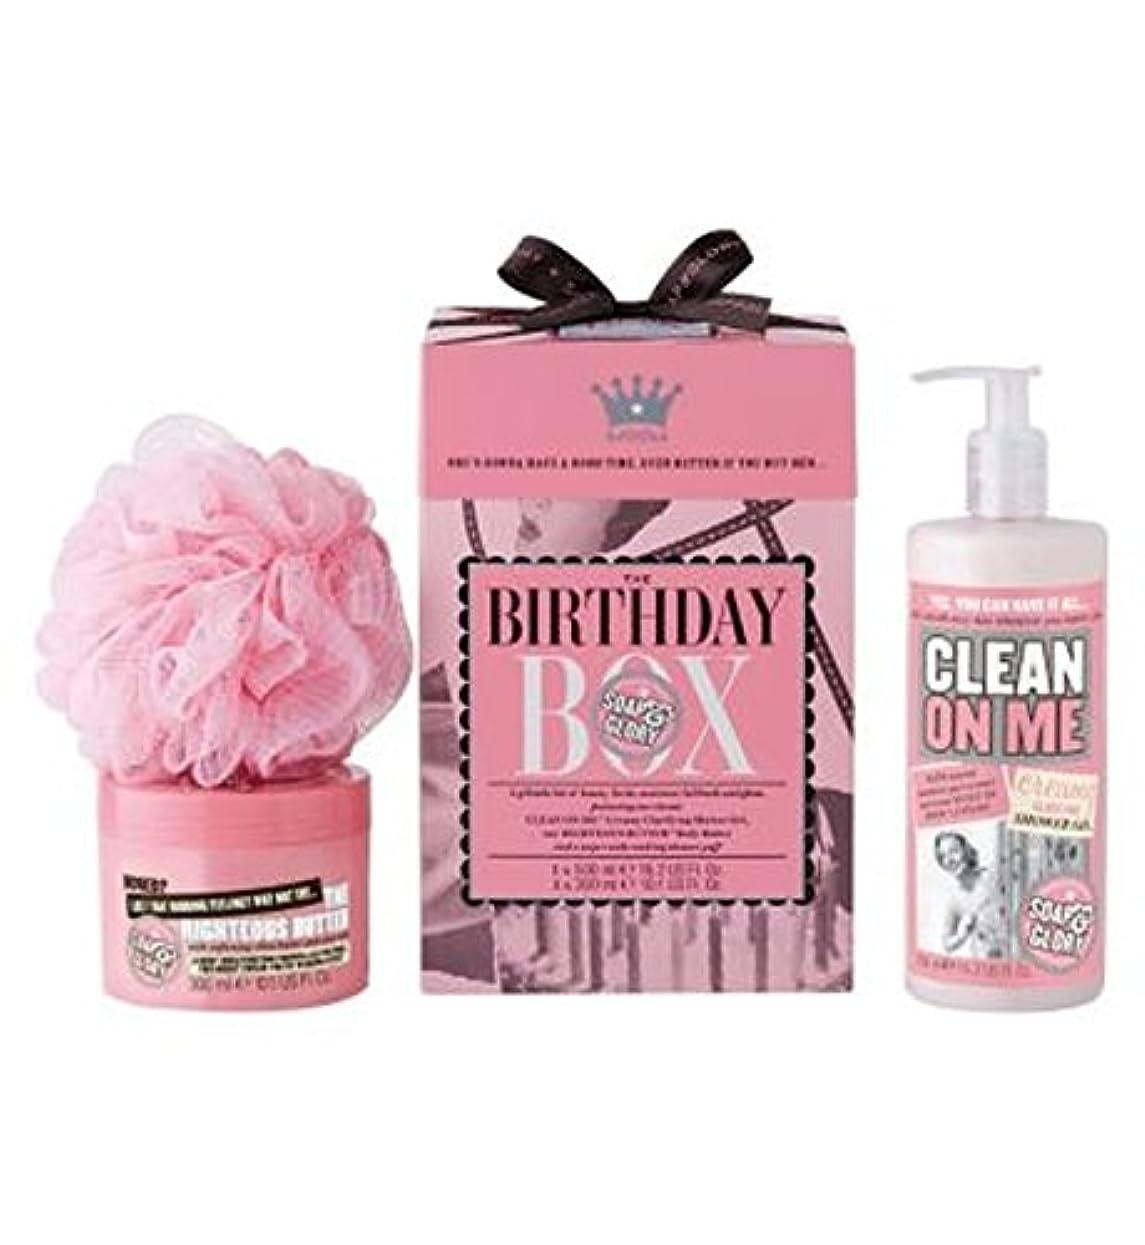 松ファックス難民石鹸&栄光の誕生日箱のギフトセット (Soap & Glory) (x2) - Soap & Glory The Birthday Box Gift Set (Pack of 2) [並行輸入品]